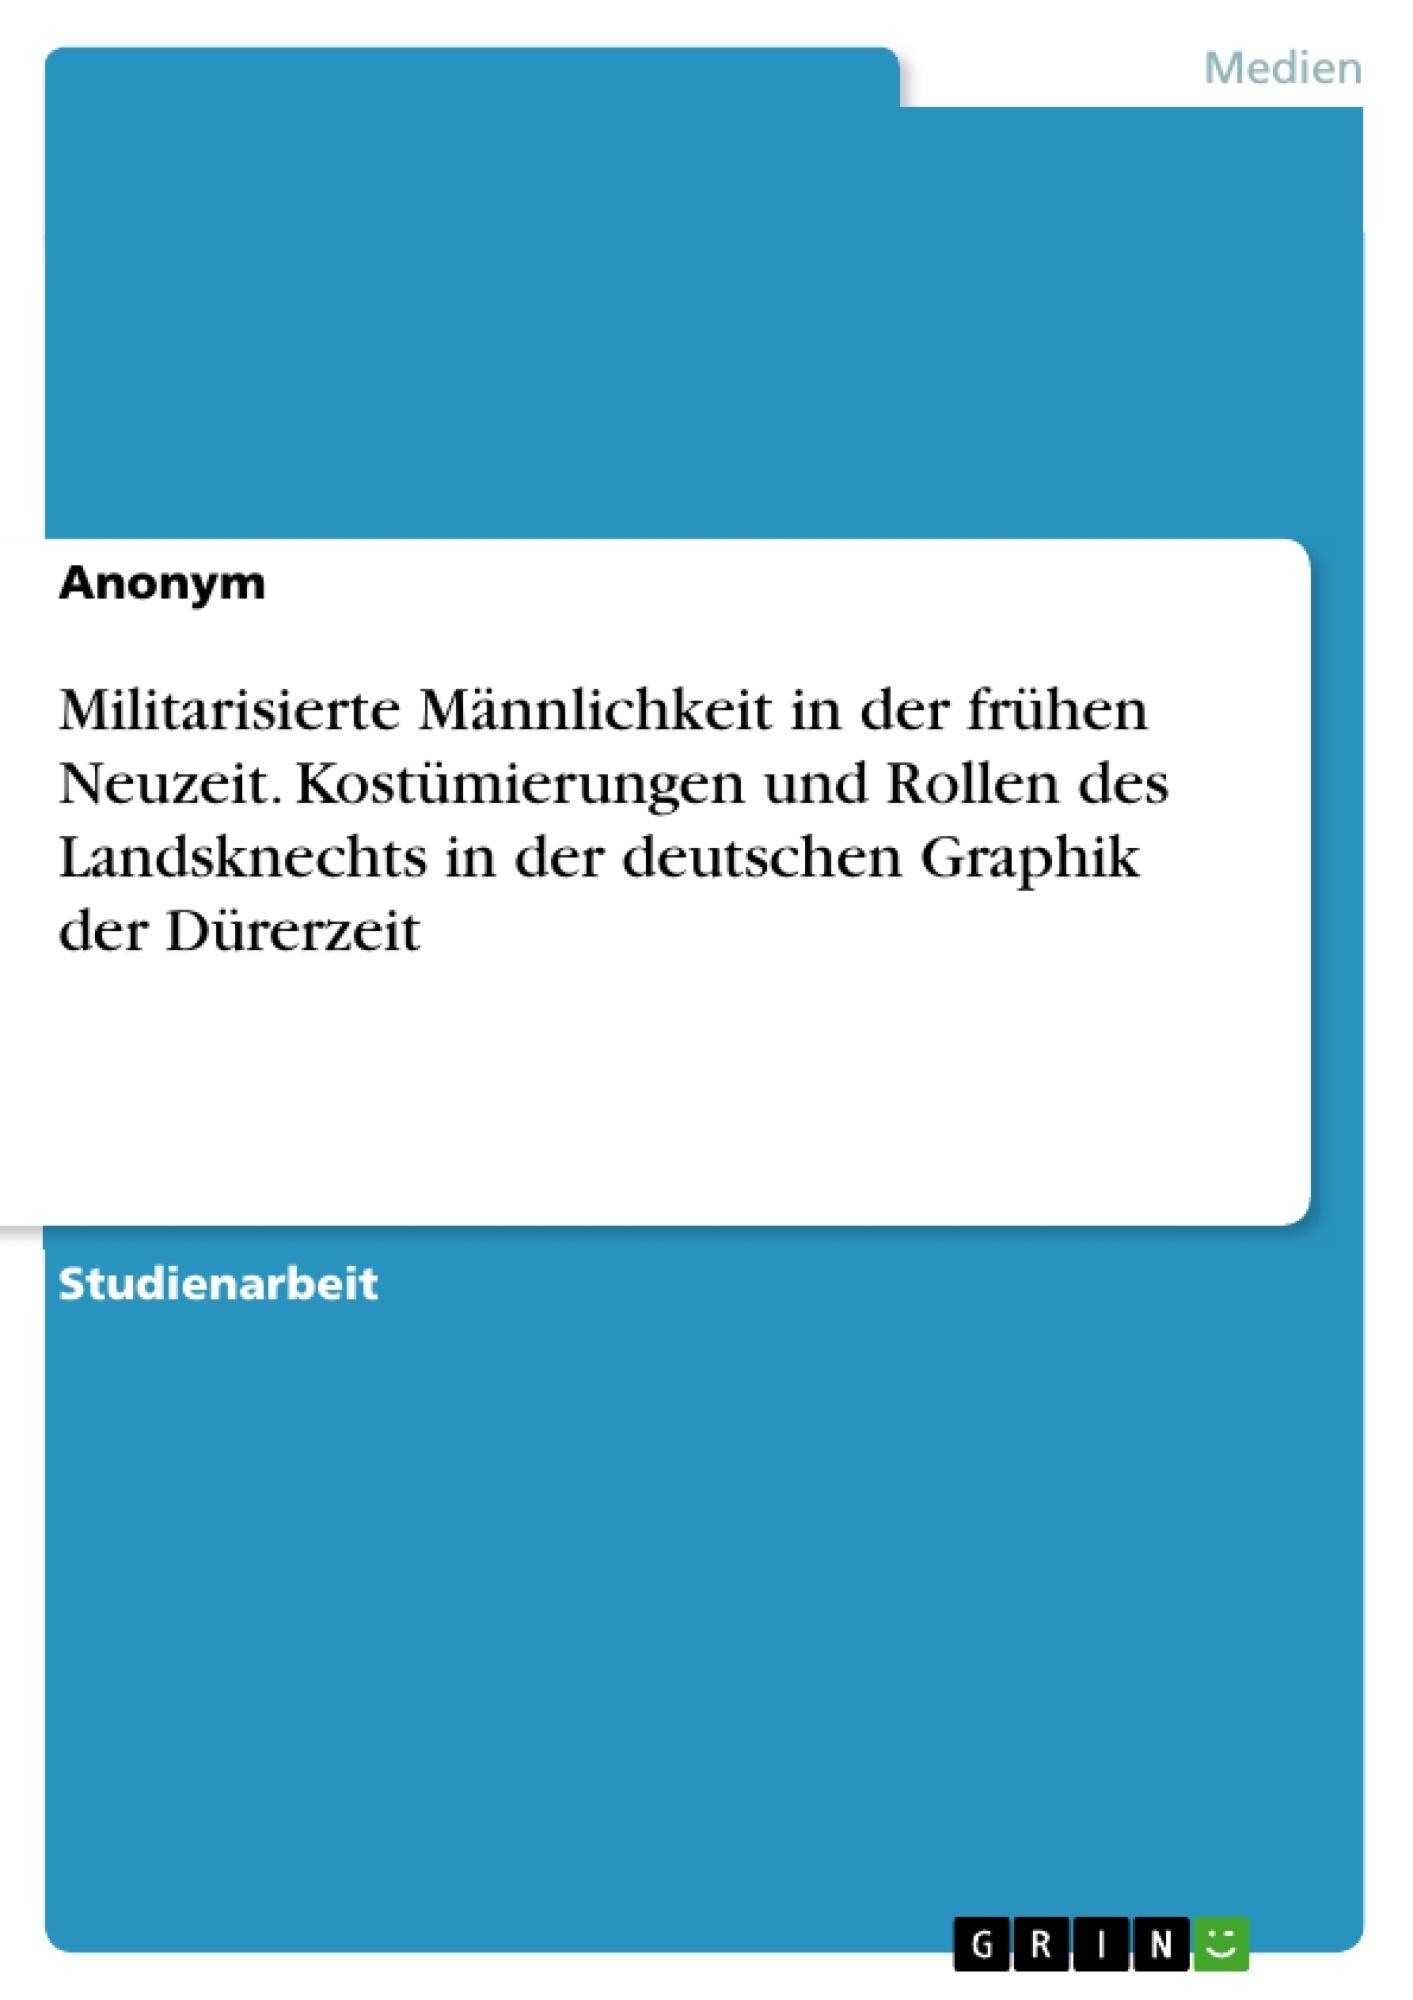 Titel: Militarisierte Männlichkeit in der frühen Neuzeit. Kostümierungen und Rollen des Landsknechts in der deutschen Graphik der Dürerzeit